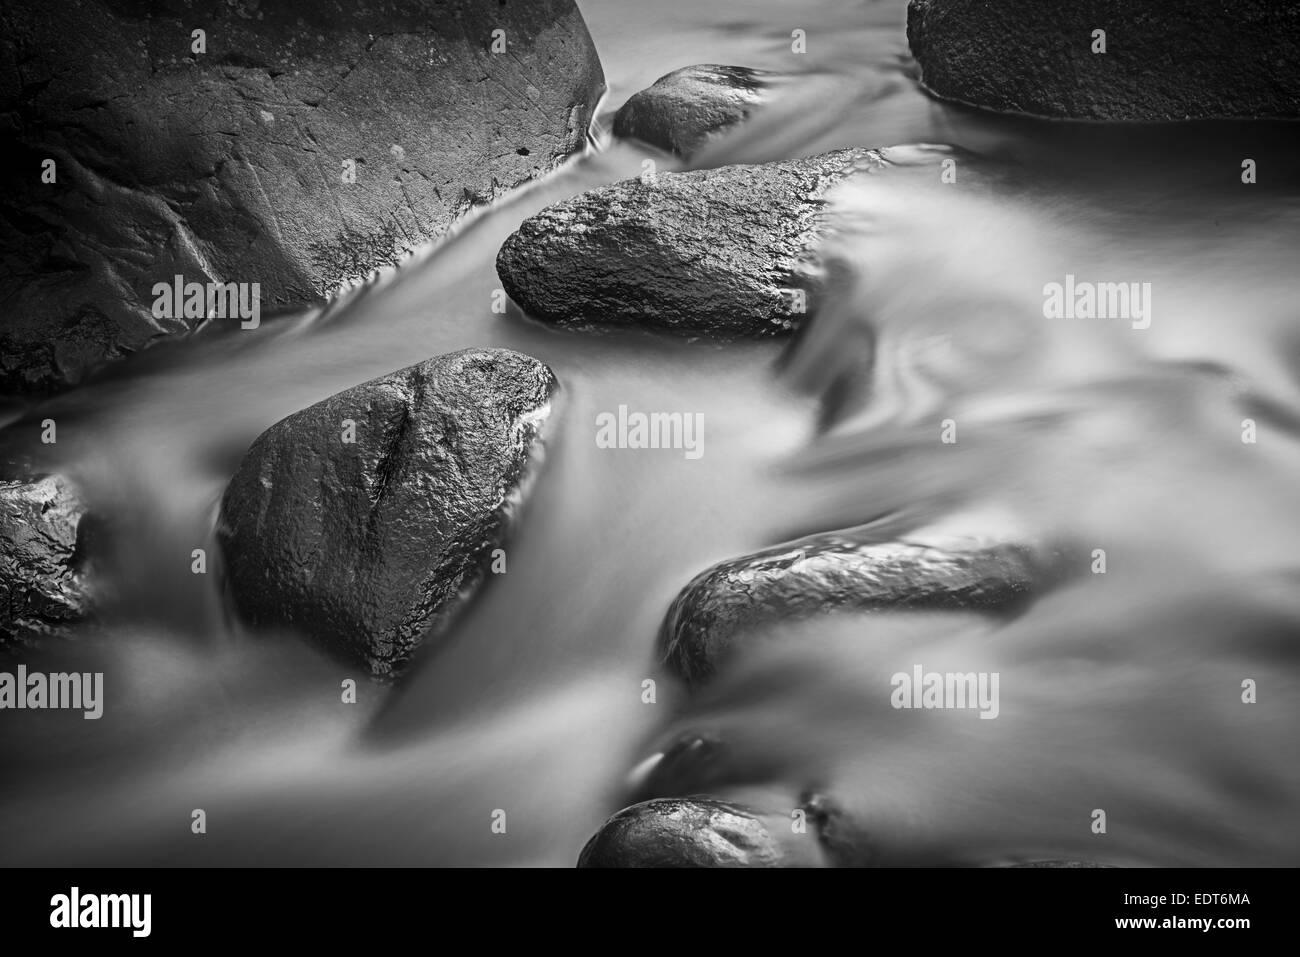 El flujo de agua y rocas en Arroyo Blanco y Negro Imagen De Stock